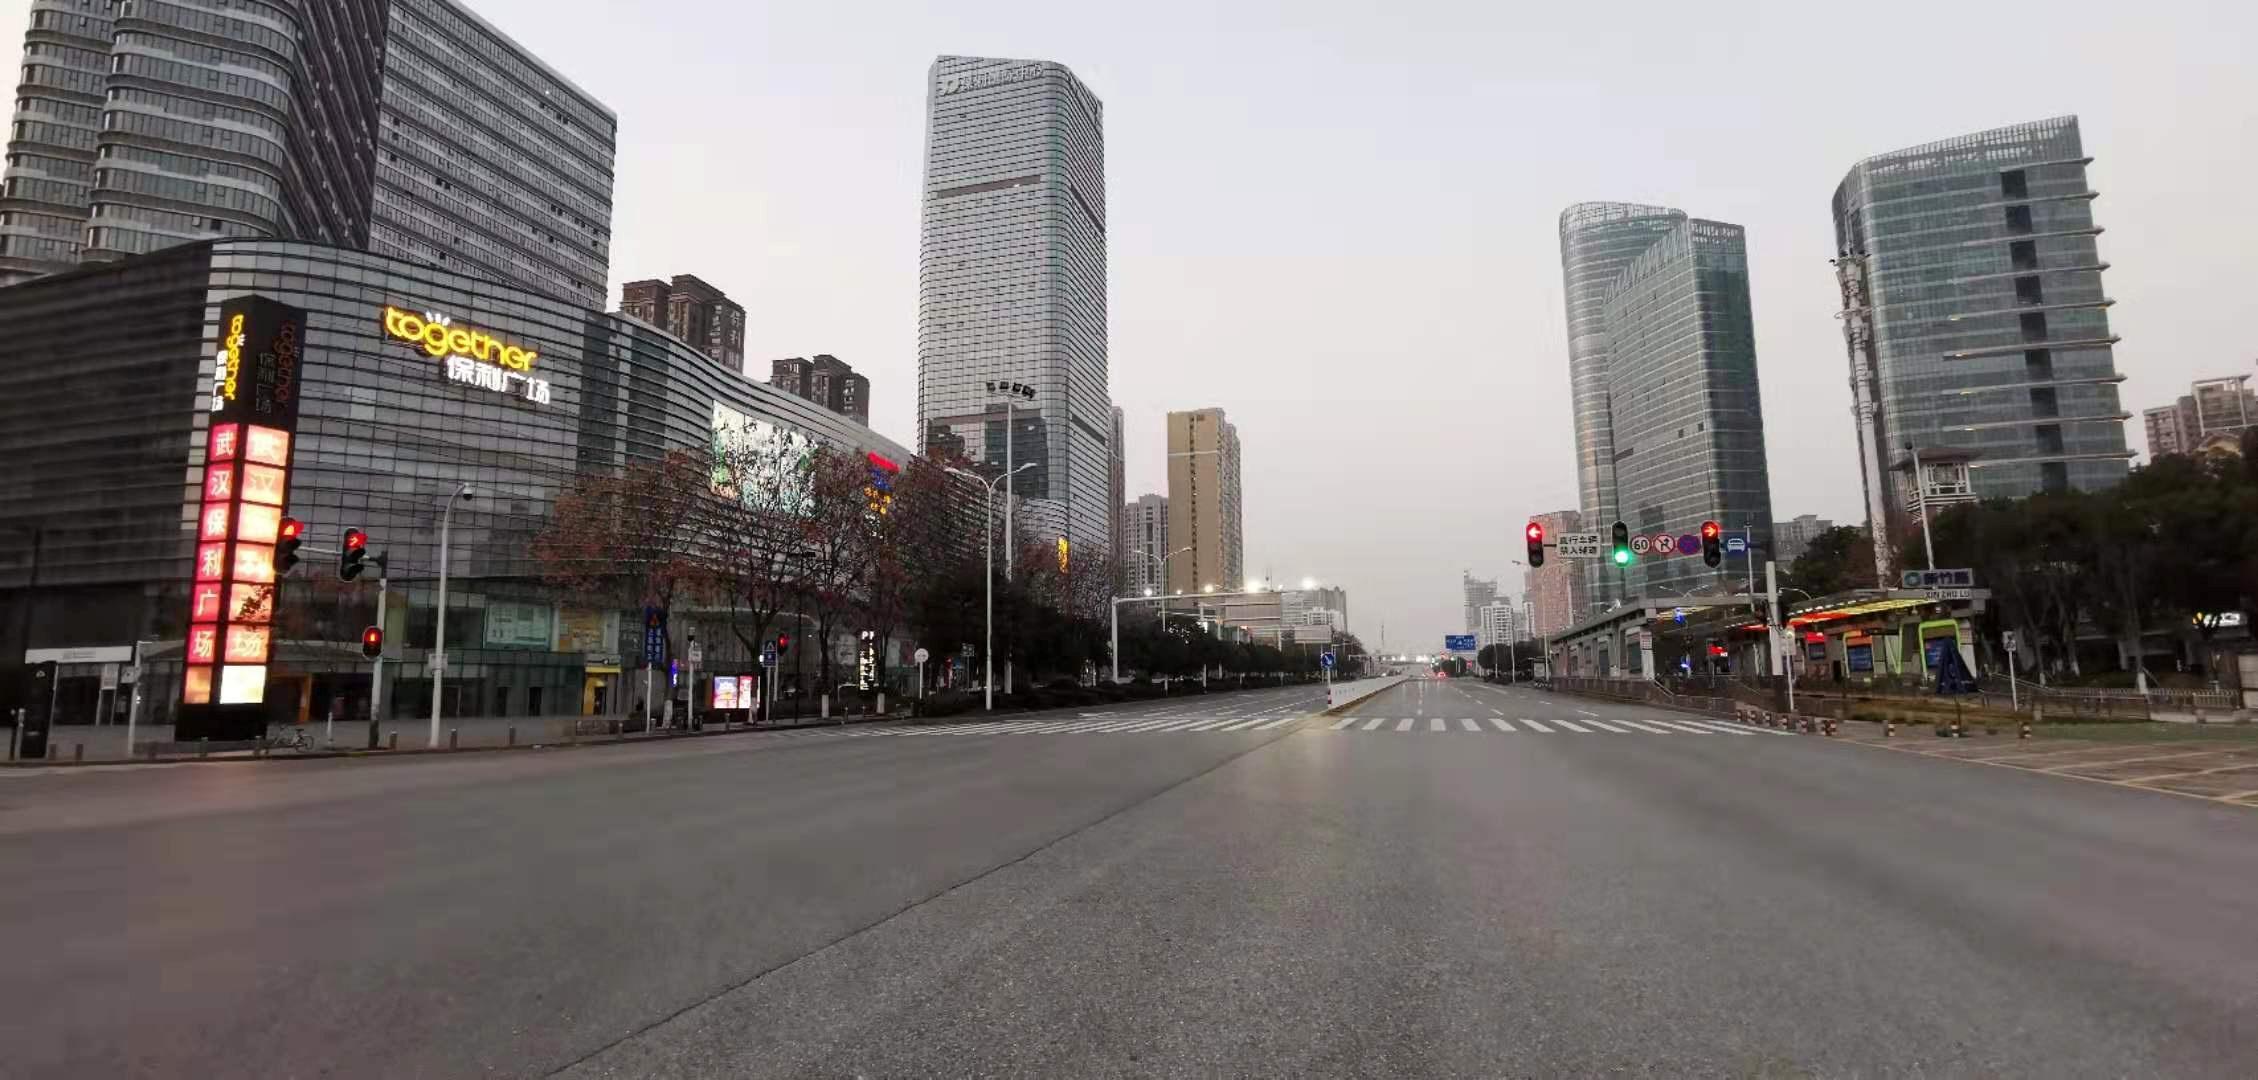 Vista general de calles desiertas en Wuhan (VLADIMIR MARKOV/via REUTERS)